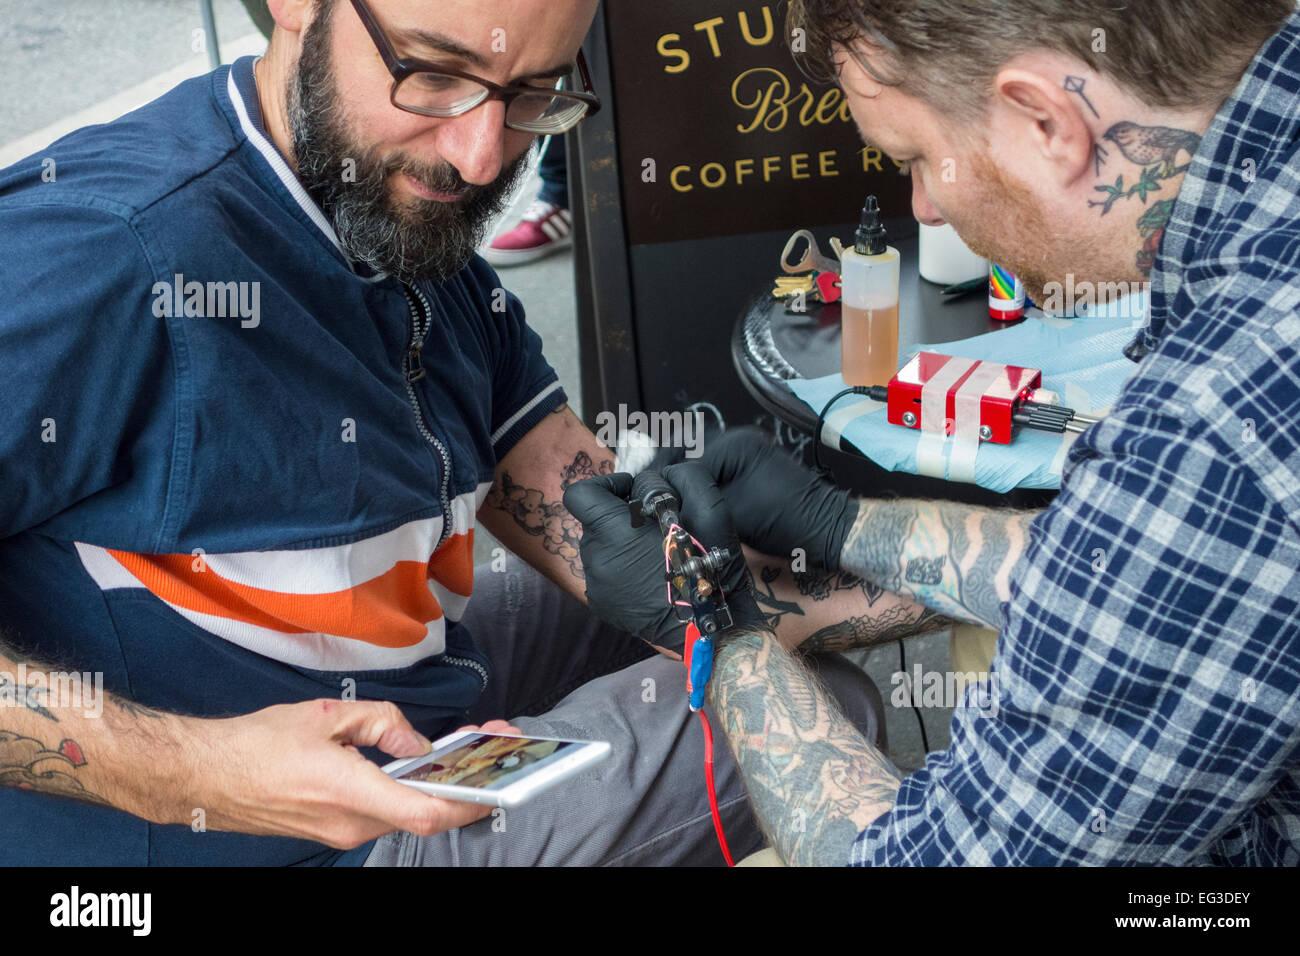 Artista Alex McWatt de tres reyes tatuaje aplicando un tatuaje en el brazo de un hombre que está comprobando su celular Foto de stock